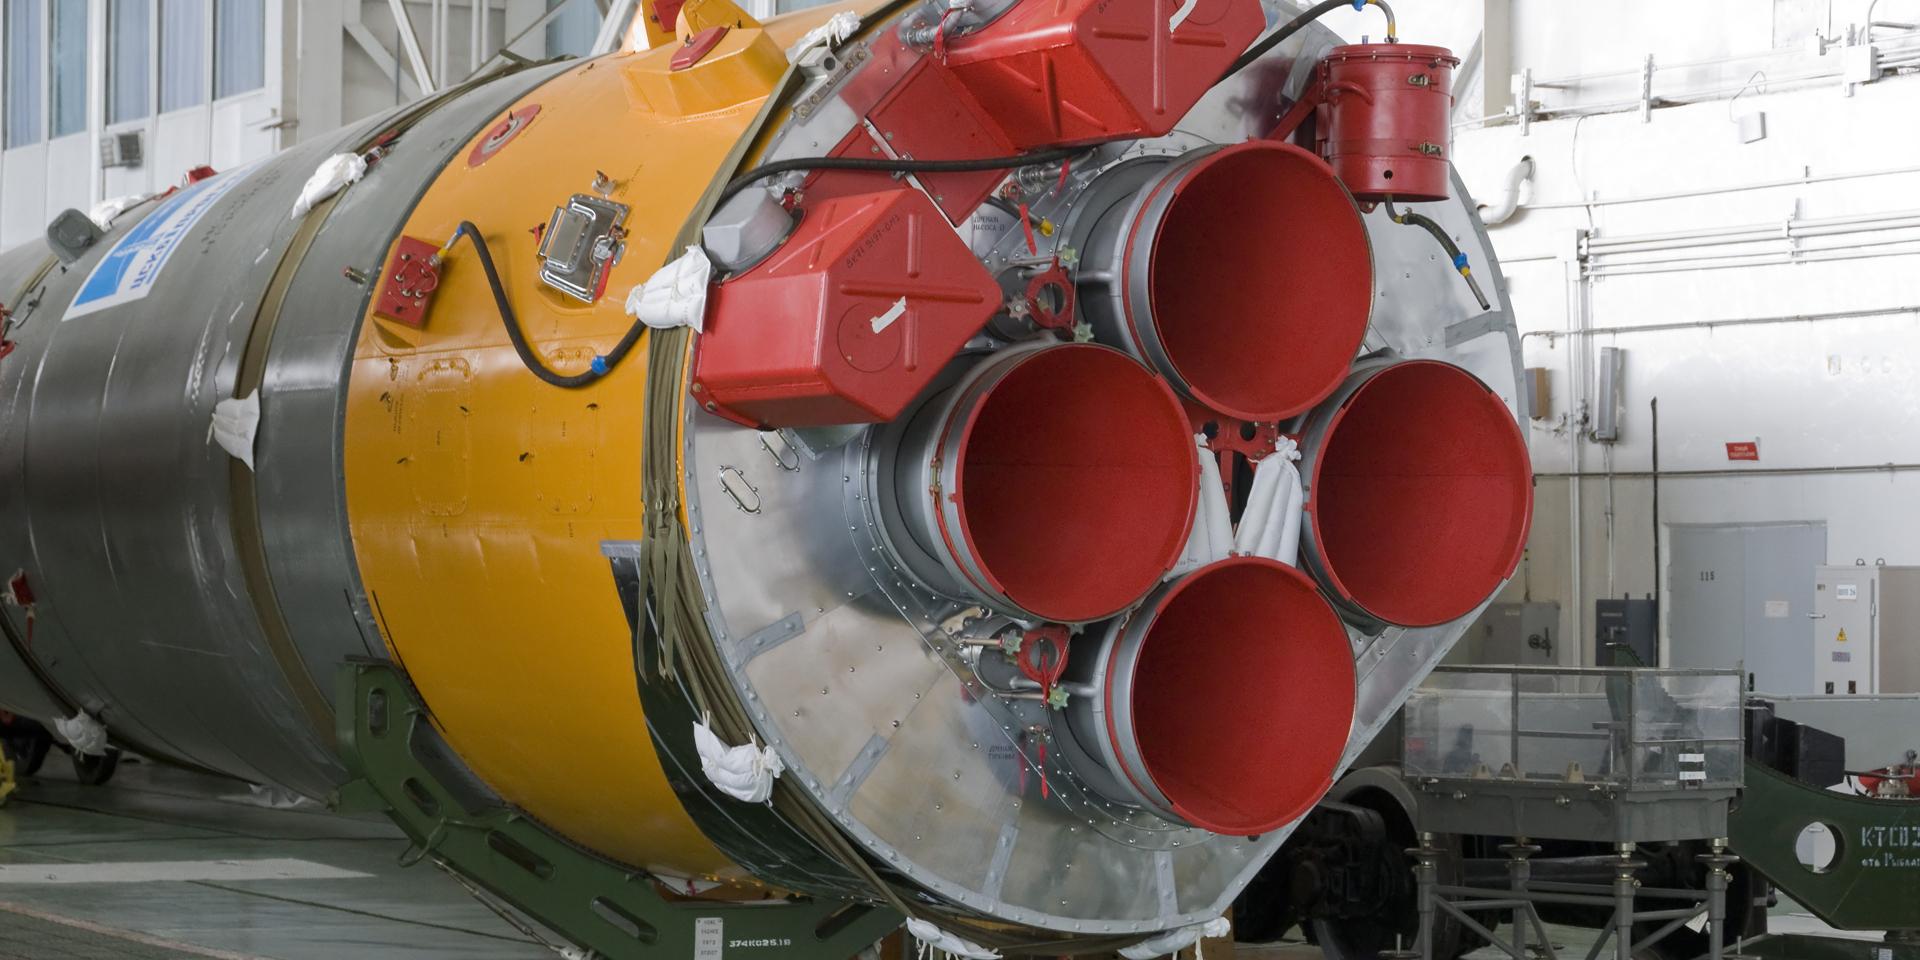 Для космодрома «Восточный» создана уникальная система зондирования атмосферы